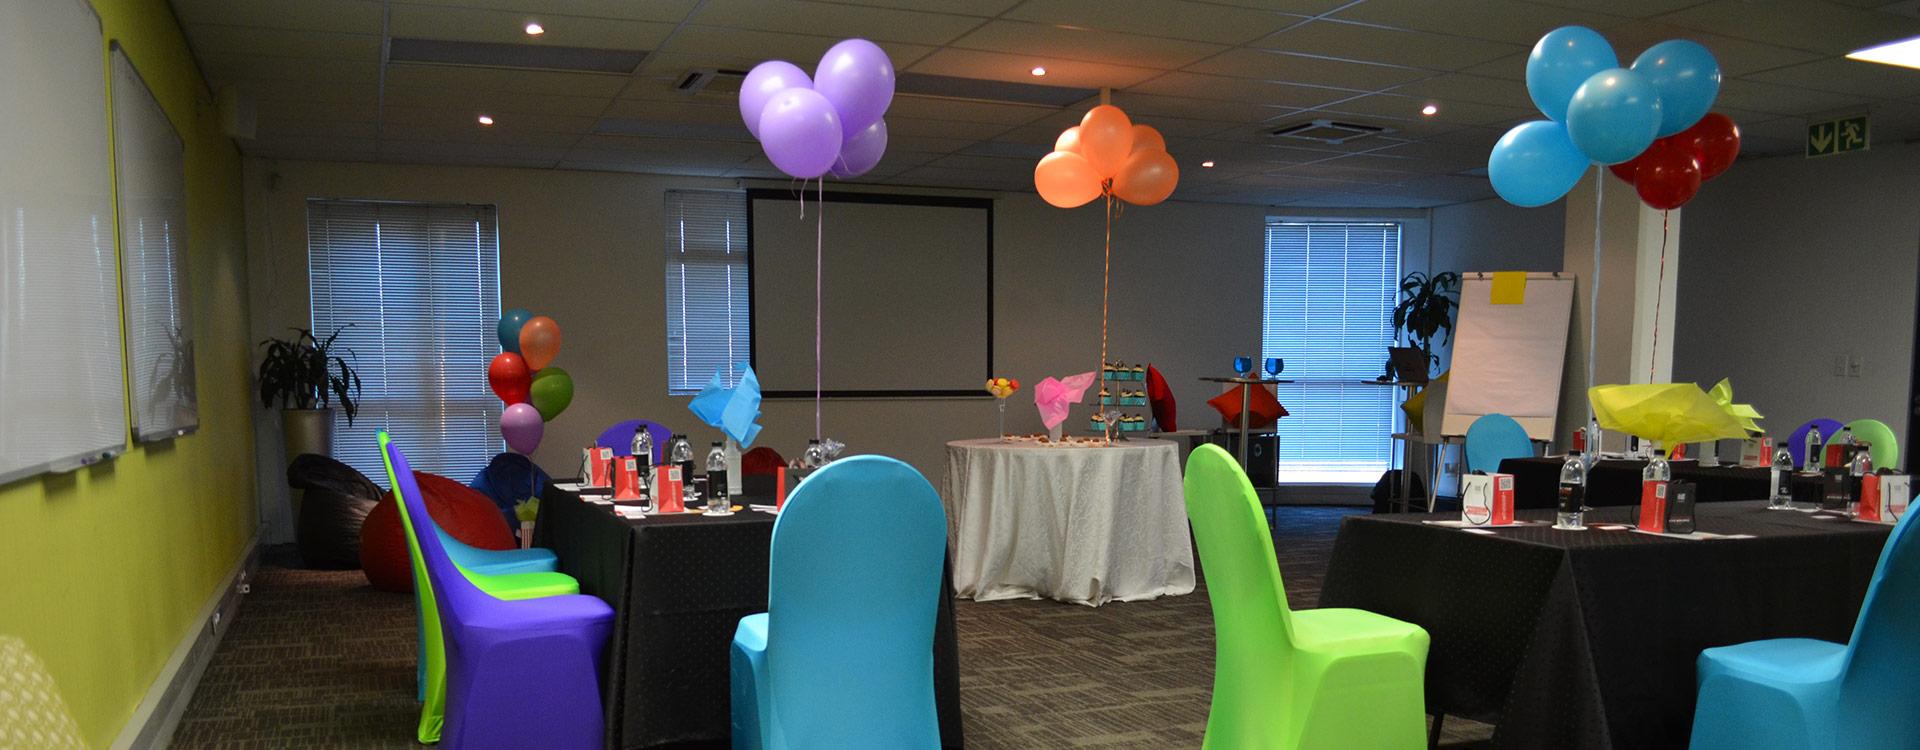 Neptune Room - Breakfast Meetings and Year-End Functions   Focus Rooms